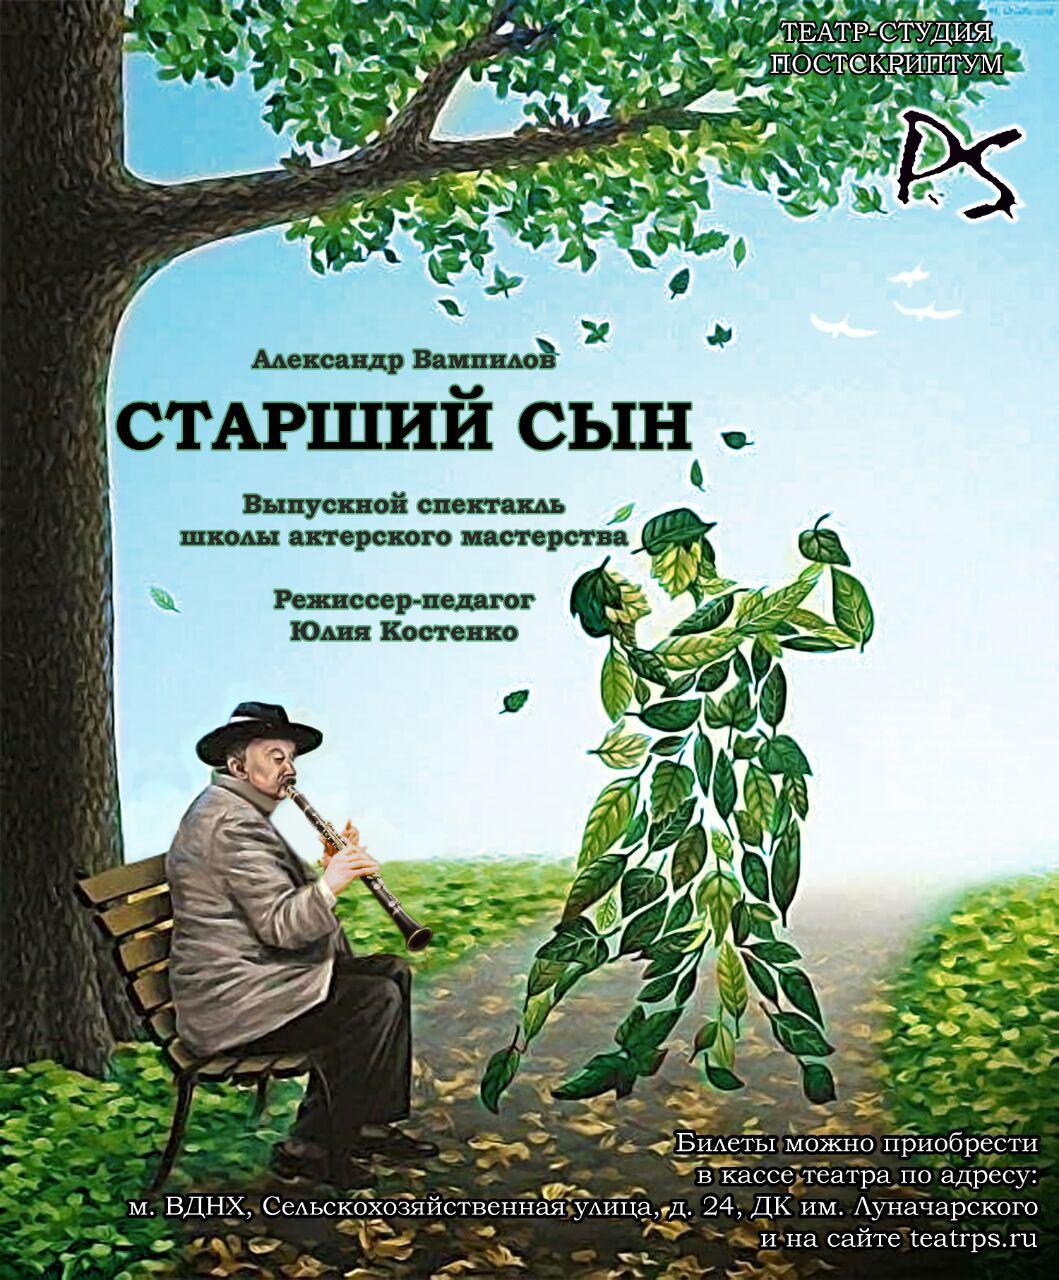 Осенняя премьера «Старший сын»